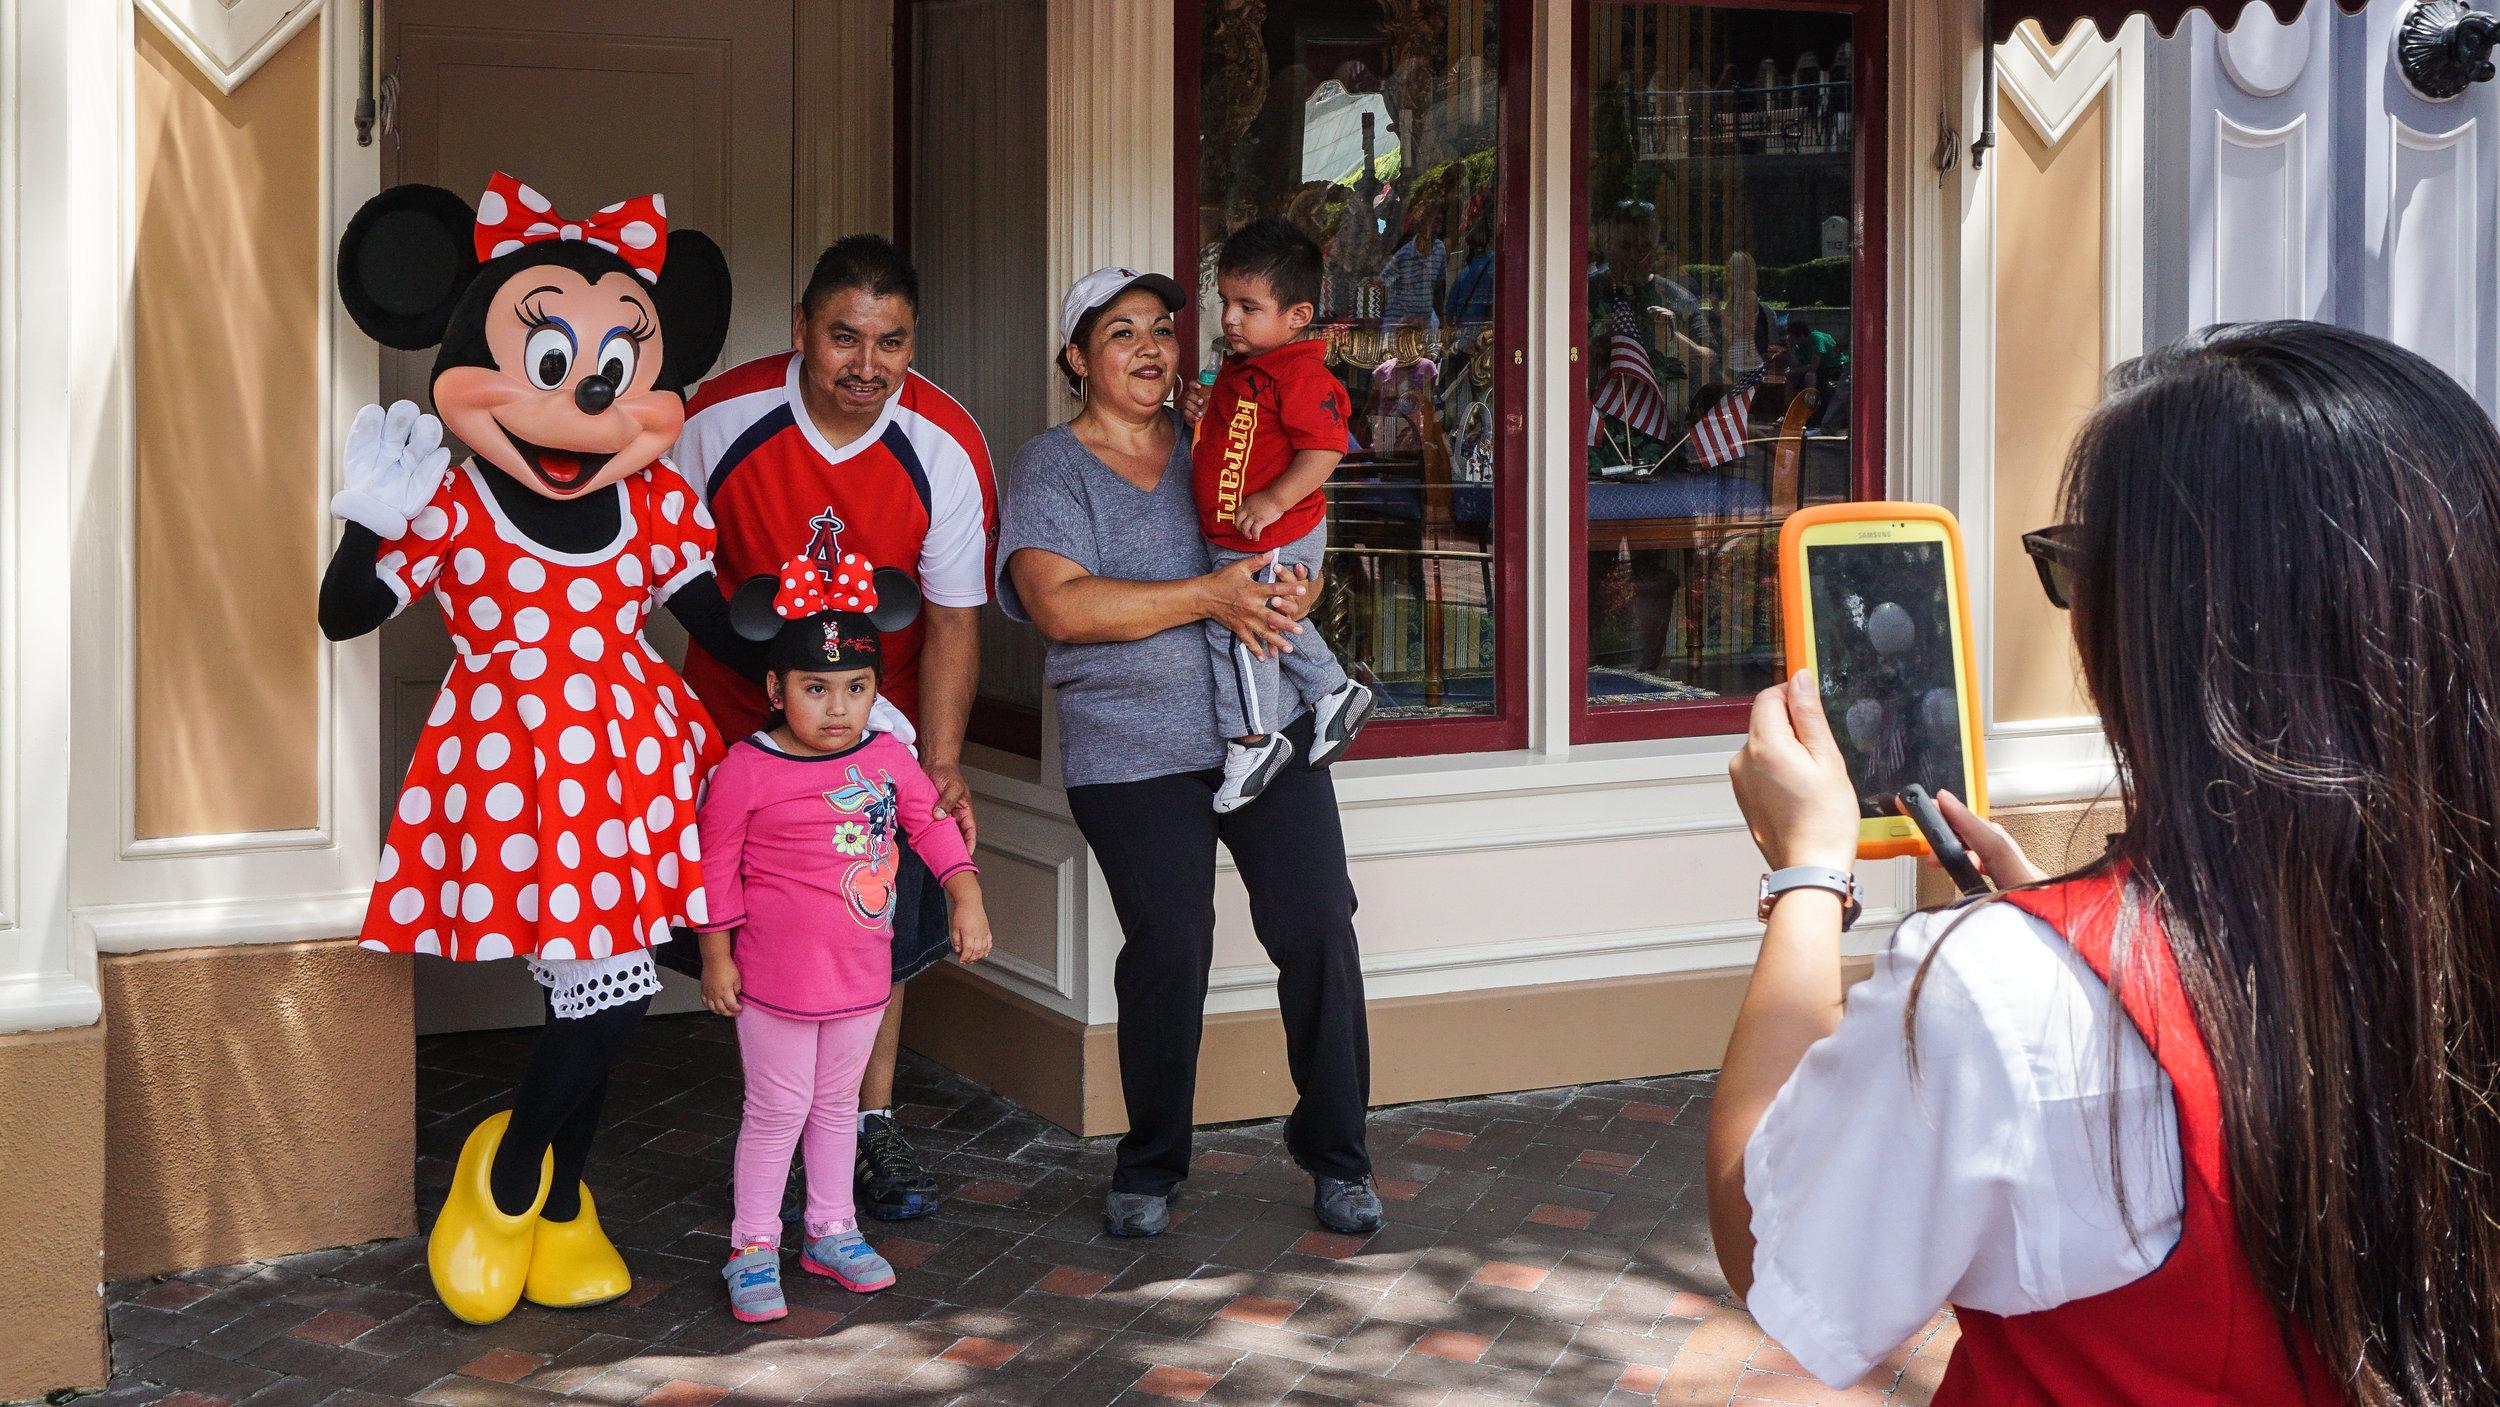 Disney-family-4-05004.jpg